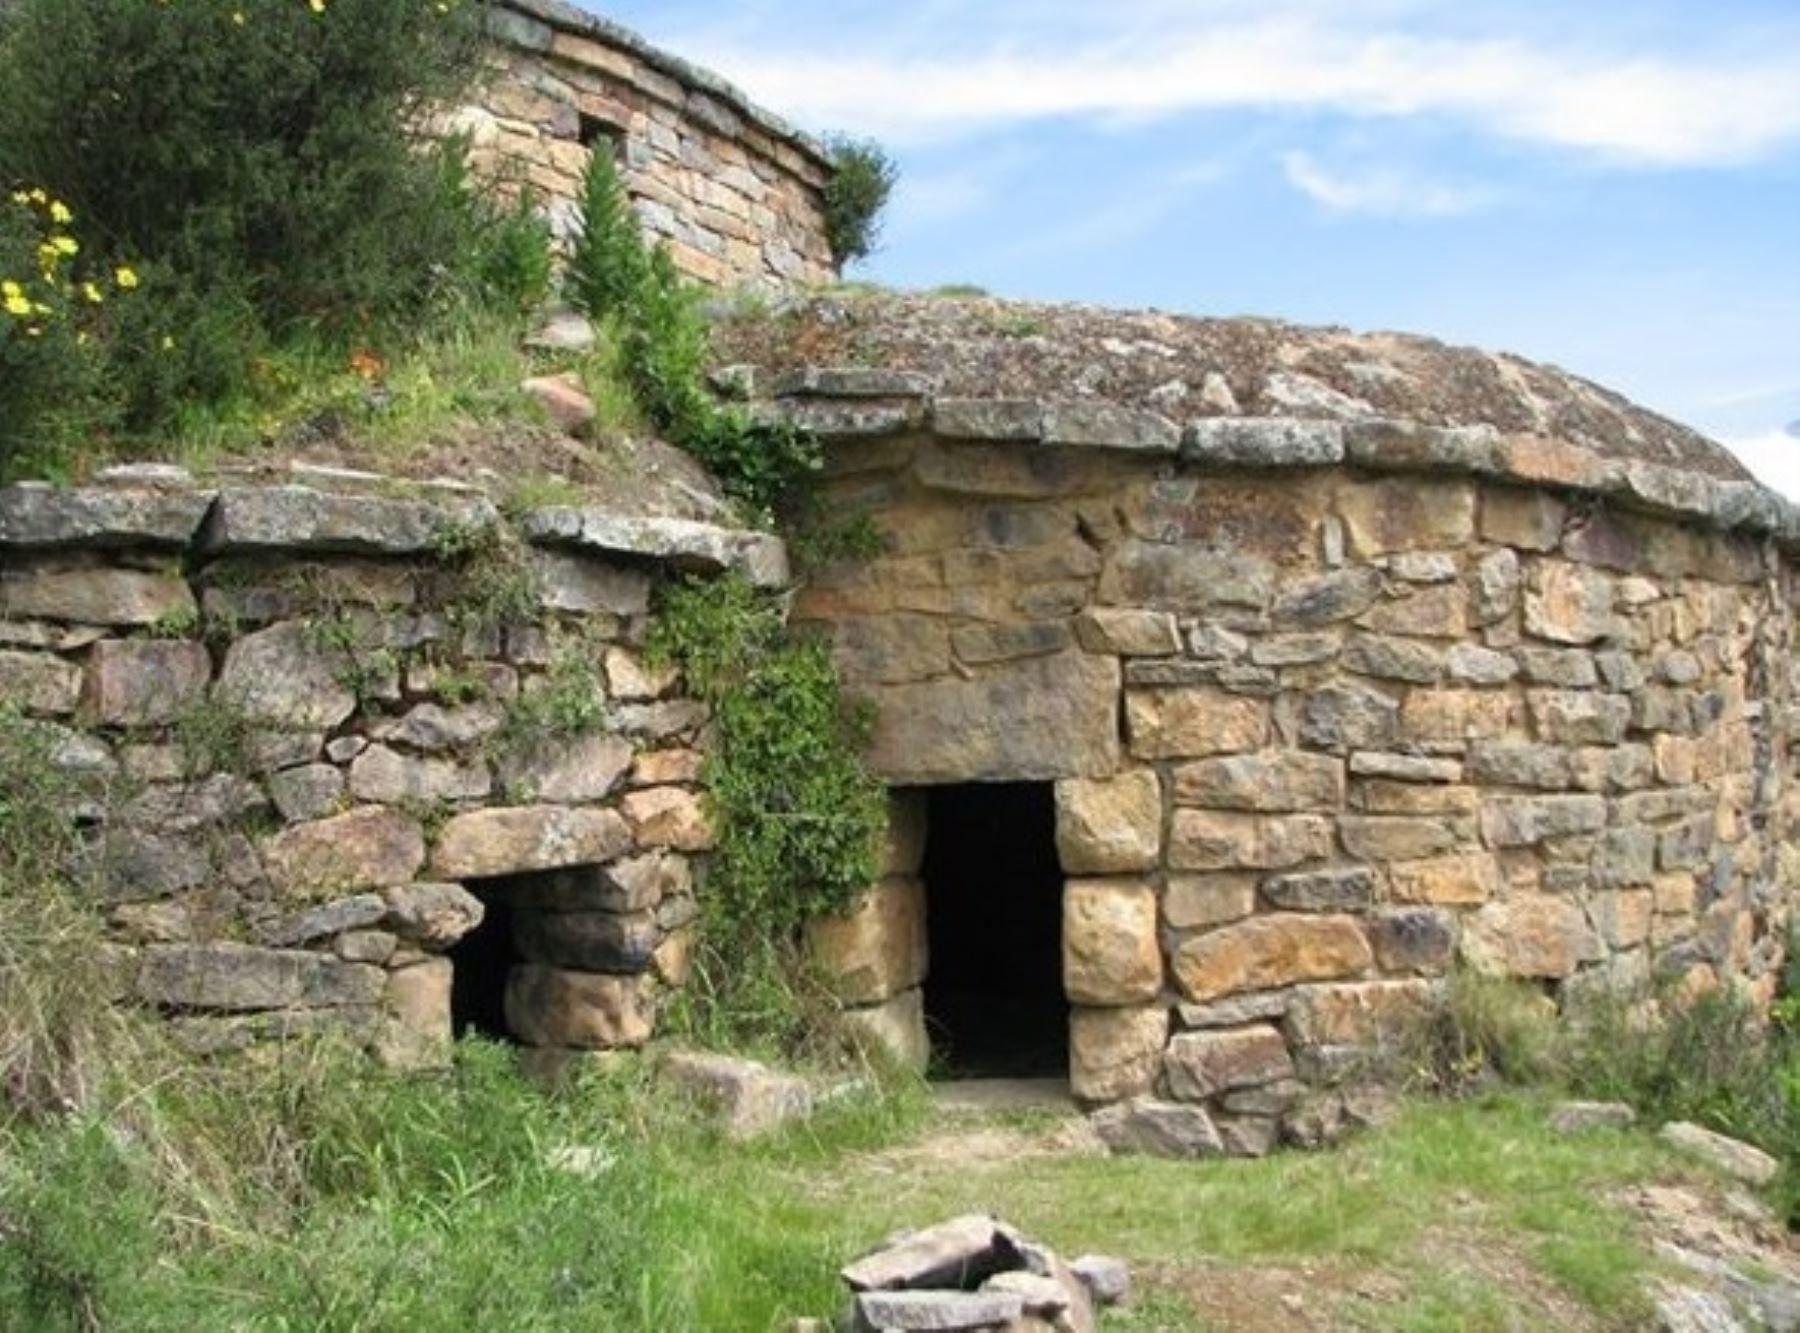 Sitio arqueológico de Cantamarca, en la provincia limeña de Canta.